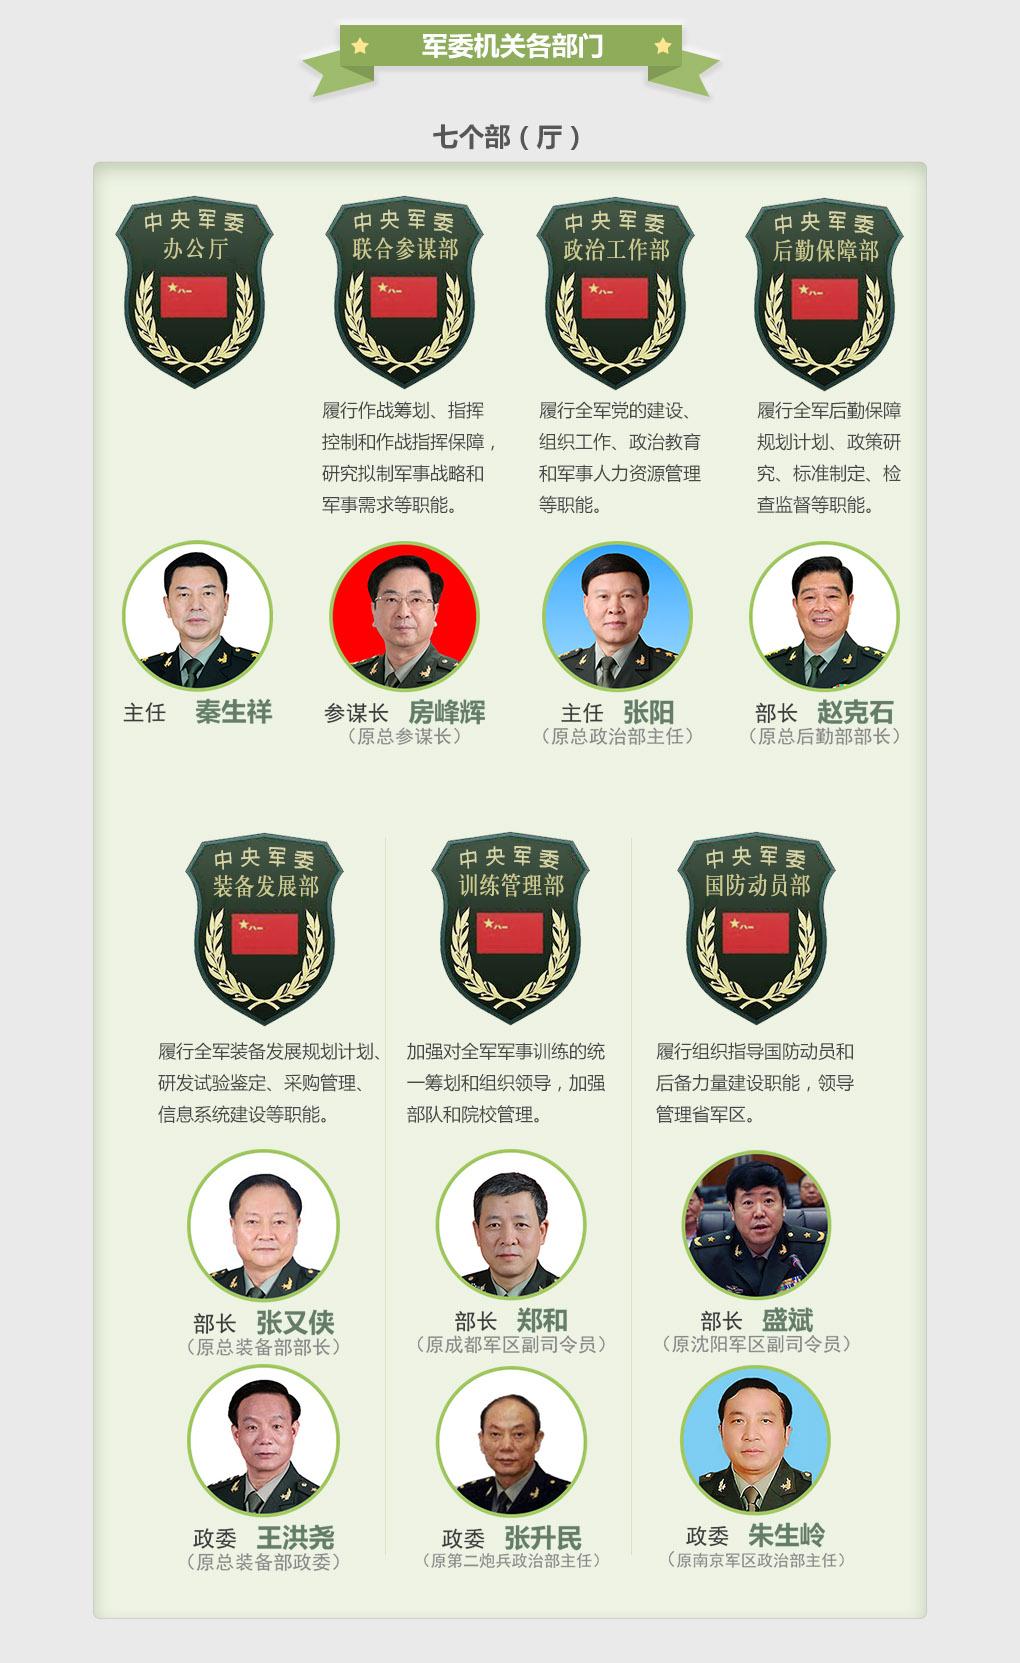 一圖讀懂:改革後解放軍領導管理體係全揭秘